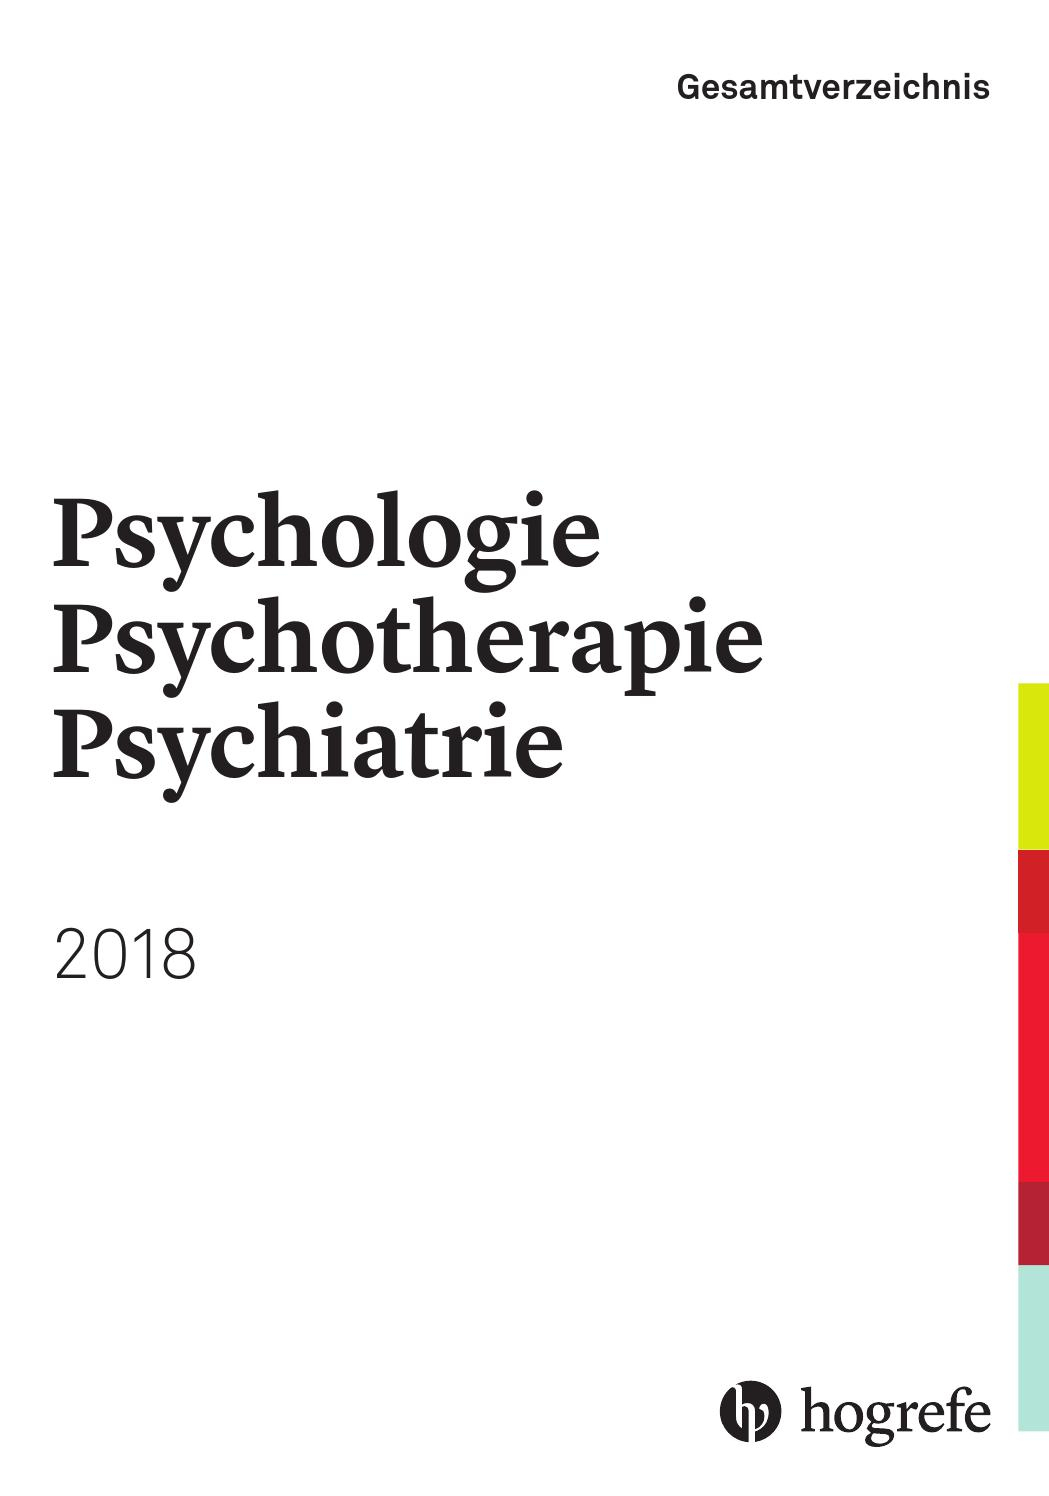 Hogrefe Gesamtverzeichnis Psychologie, Psychotherapie innen Deckblatt Werte Und Normen Zum Ausdrucken